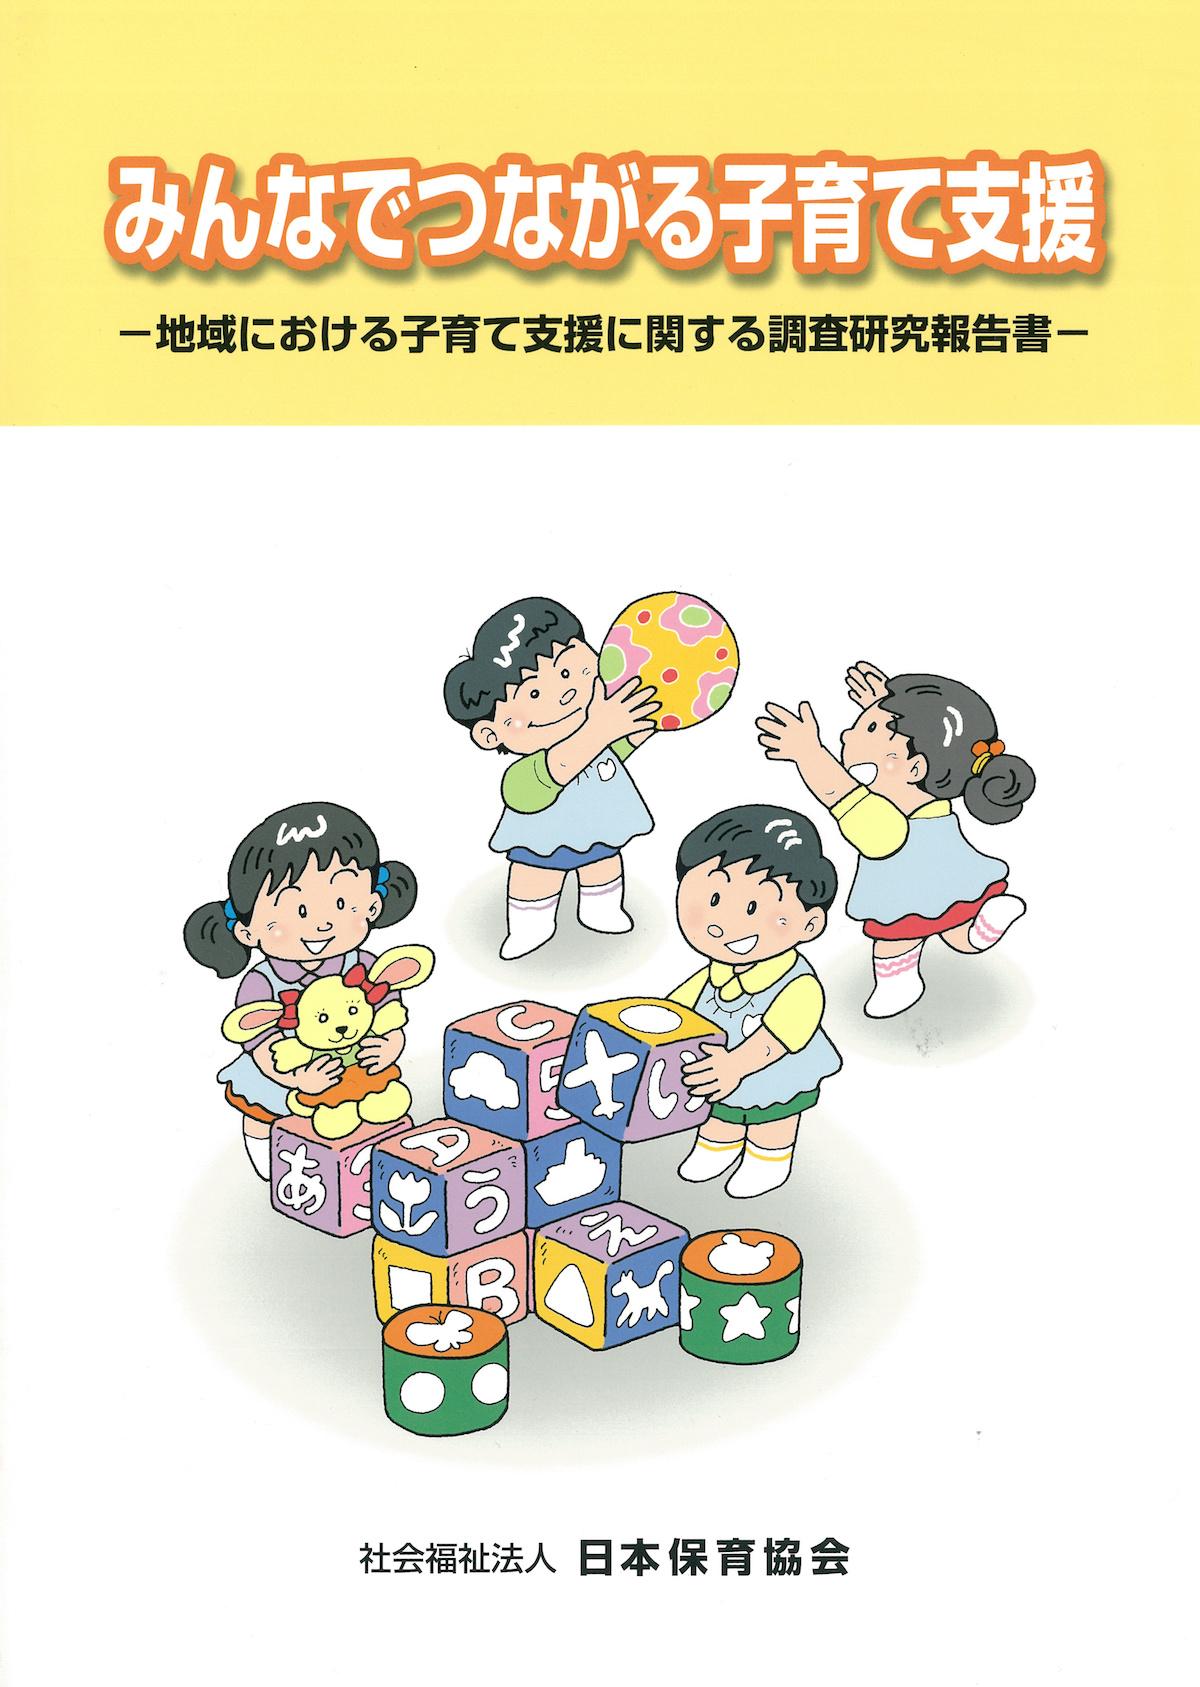 みんなでつながる子育て支援(日本保育協会)に掲載されました。